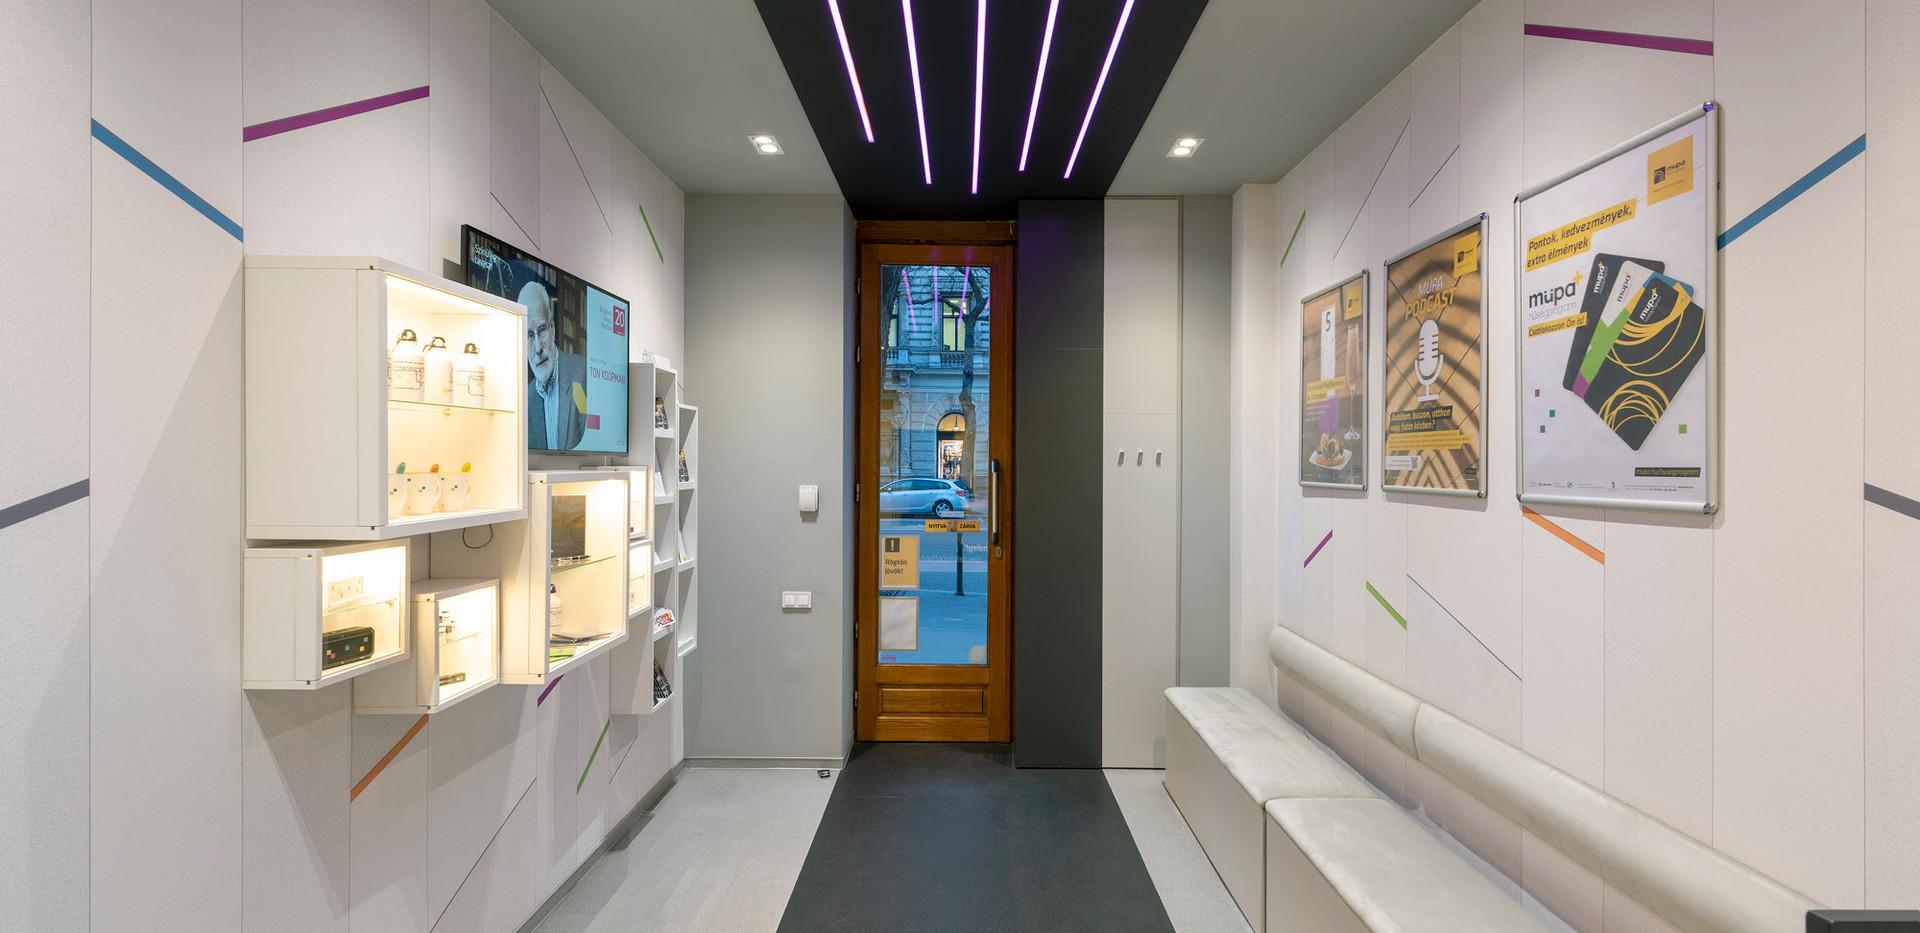 037-MUPA-ticket-office-Demeter-Design-St